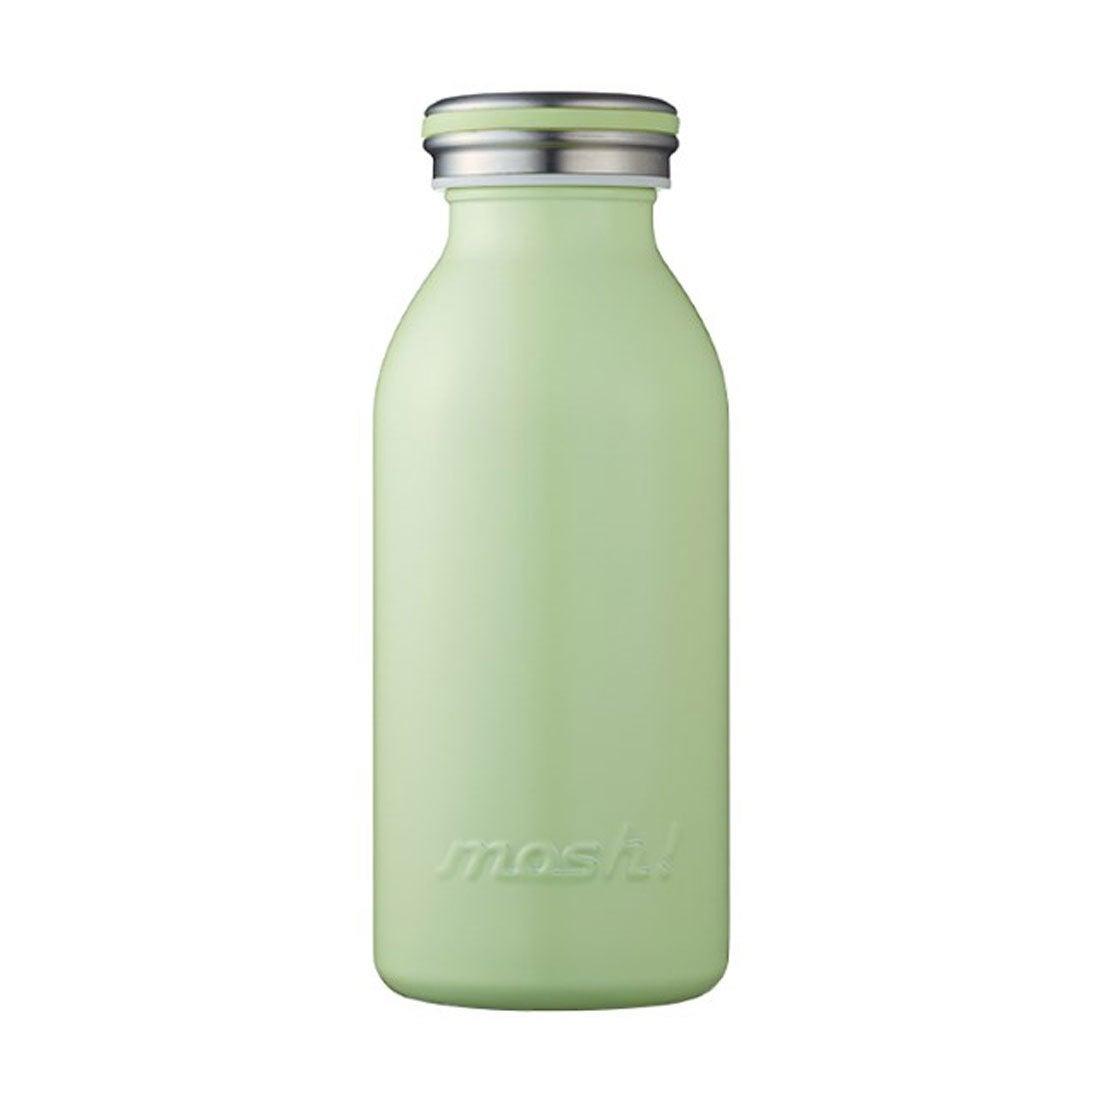 【SALE 44%OFF】ドウシシャ Doshisha 水筒 mosh!ボトル 350ml グリーン 598627